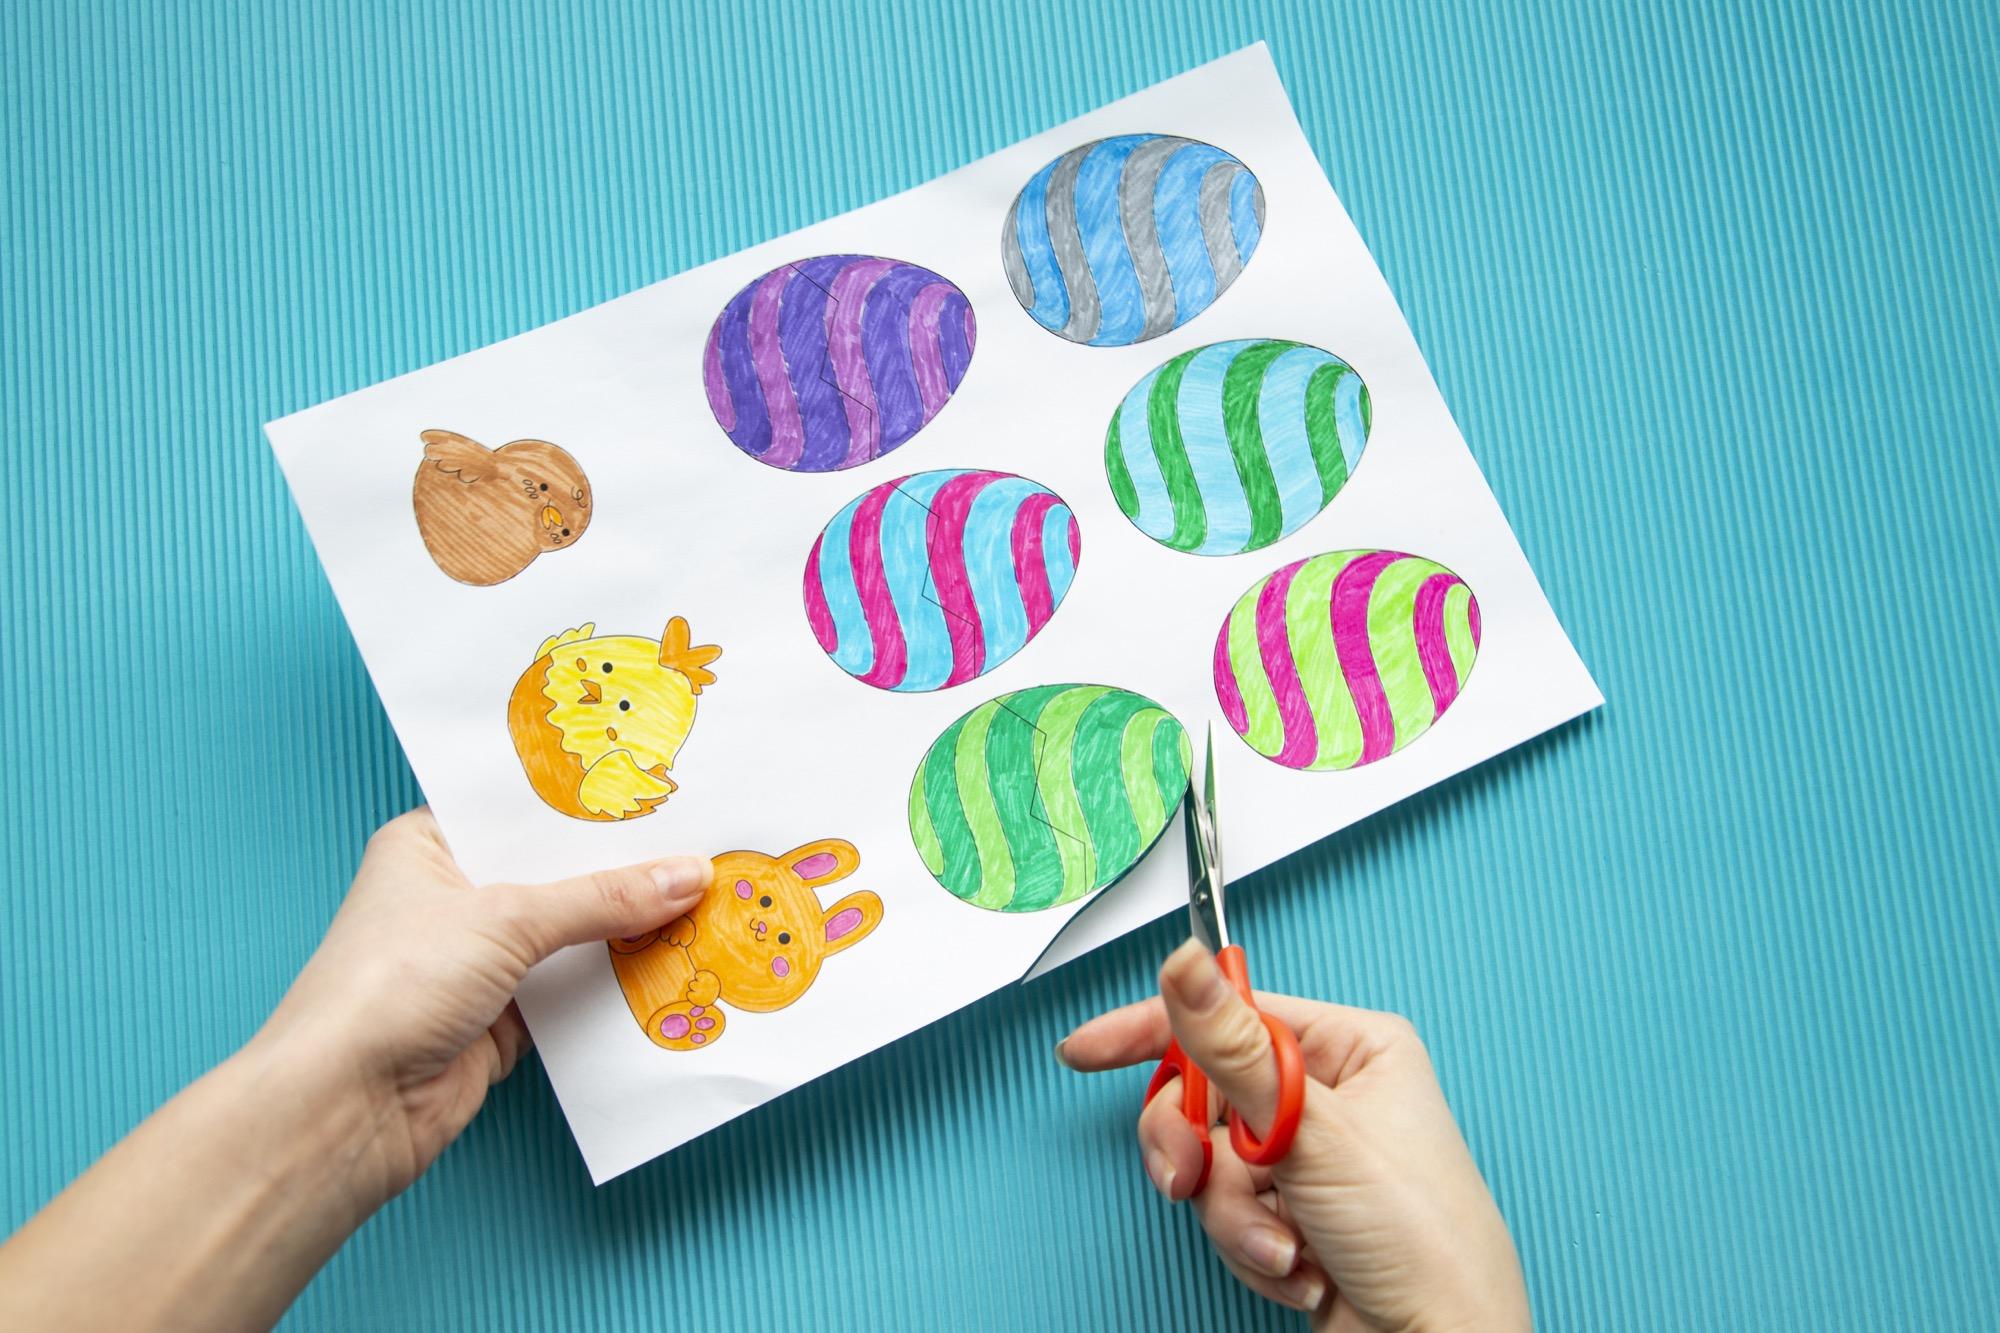 Mes œufs surprises de Pâques - 3